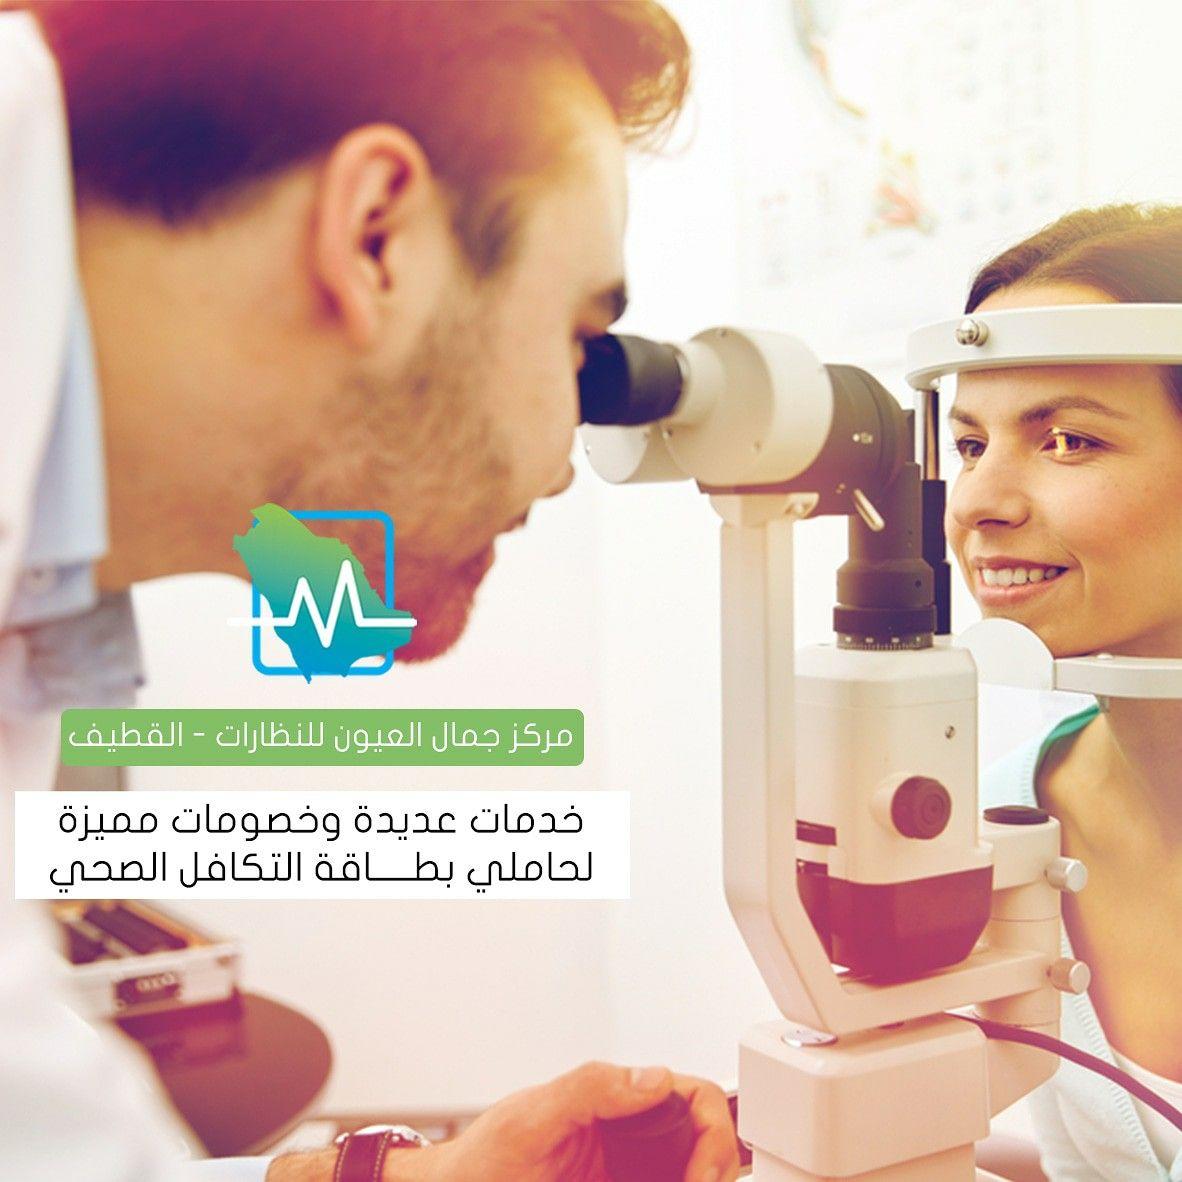 احصل على أفضل الماركات العالمية للعدسات والنظارات من مركز جمال العيون للنظارات في القطيف بخصومات حقيقية على بطاقة التكافل ا Health Insurance Health Insurance